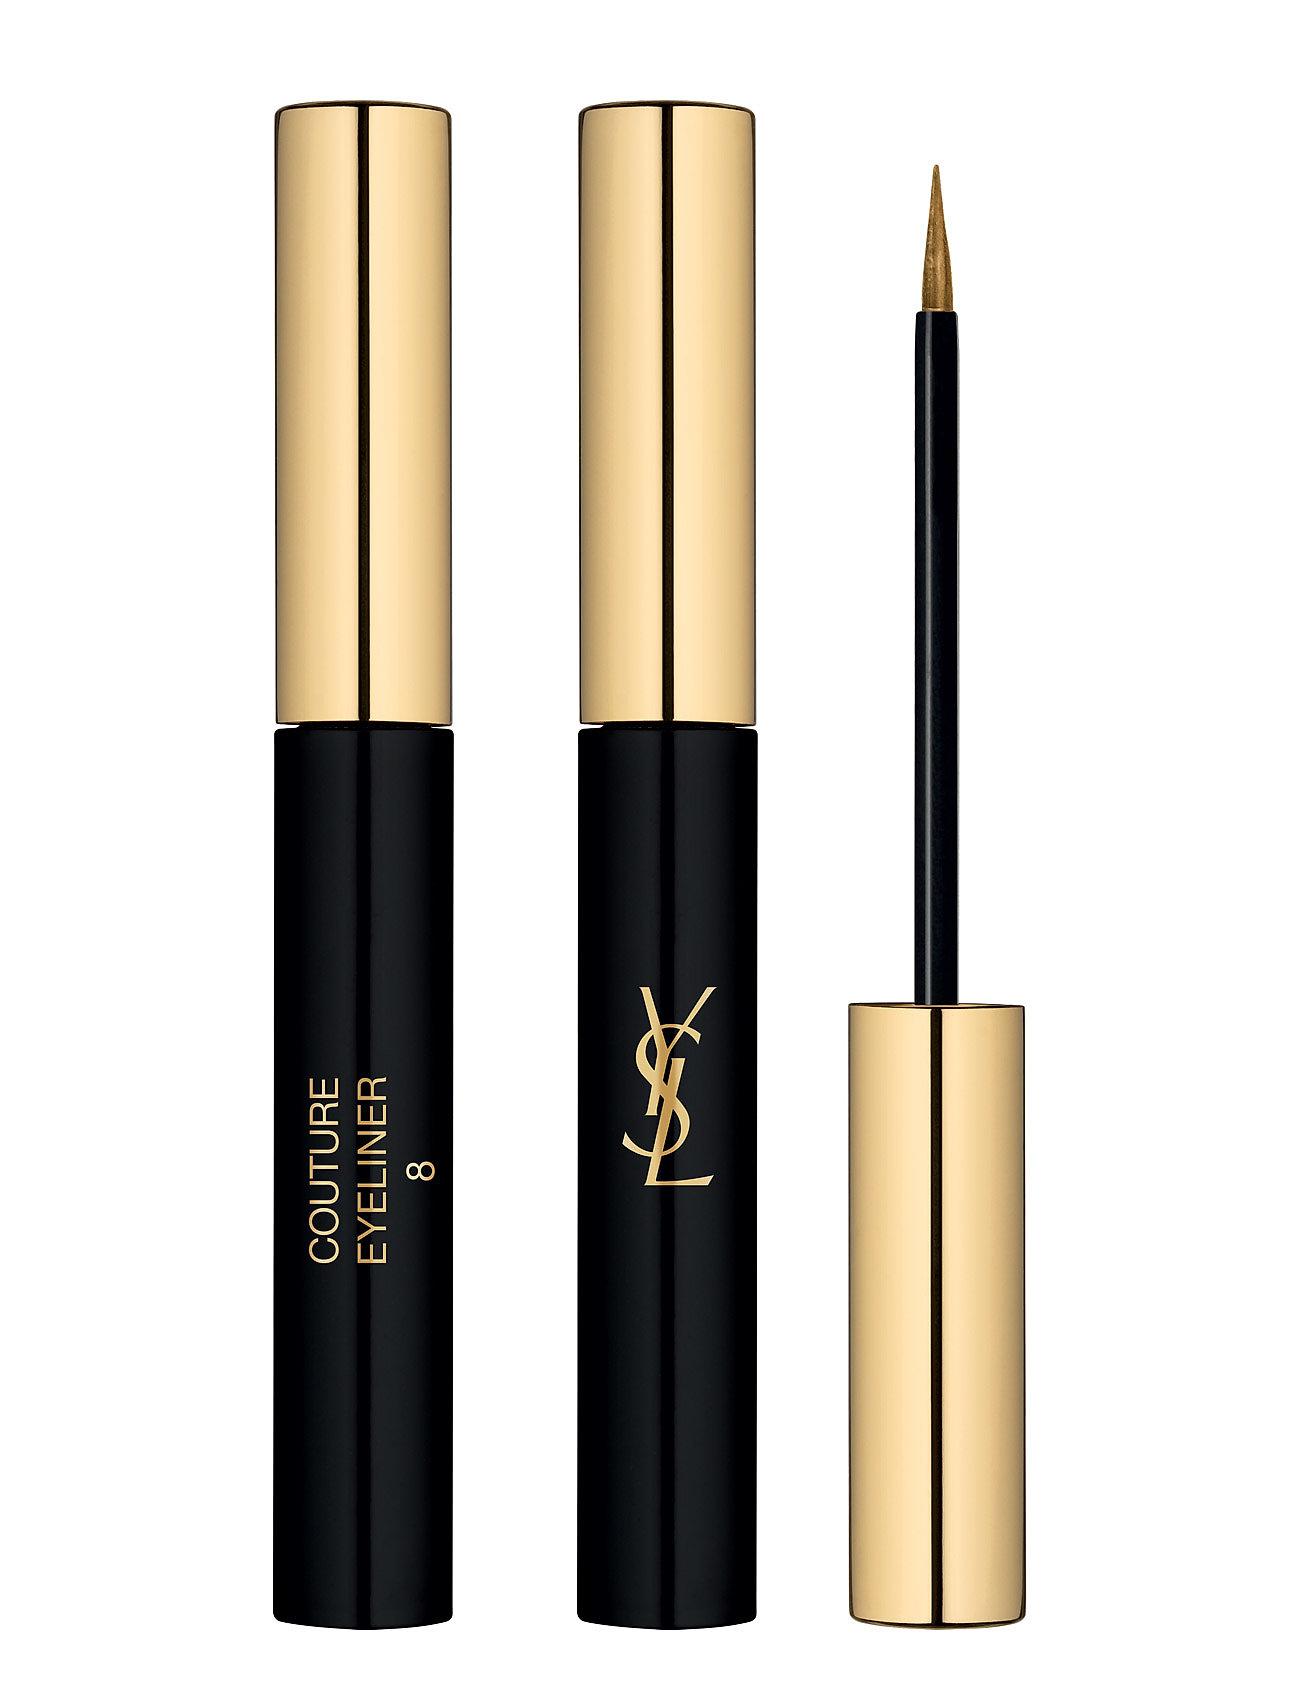 yves saint laurent Couture eye liner 8 bronze fra boozt.com dk